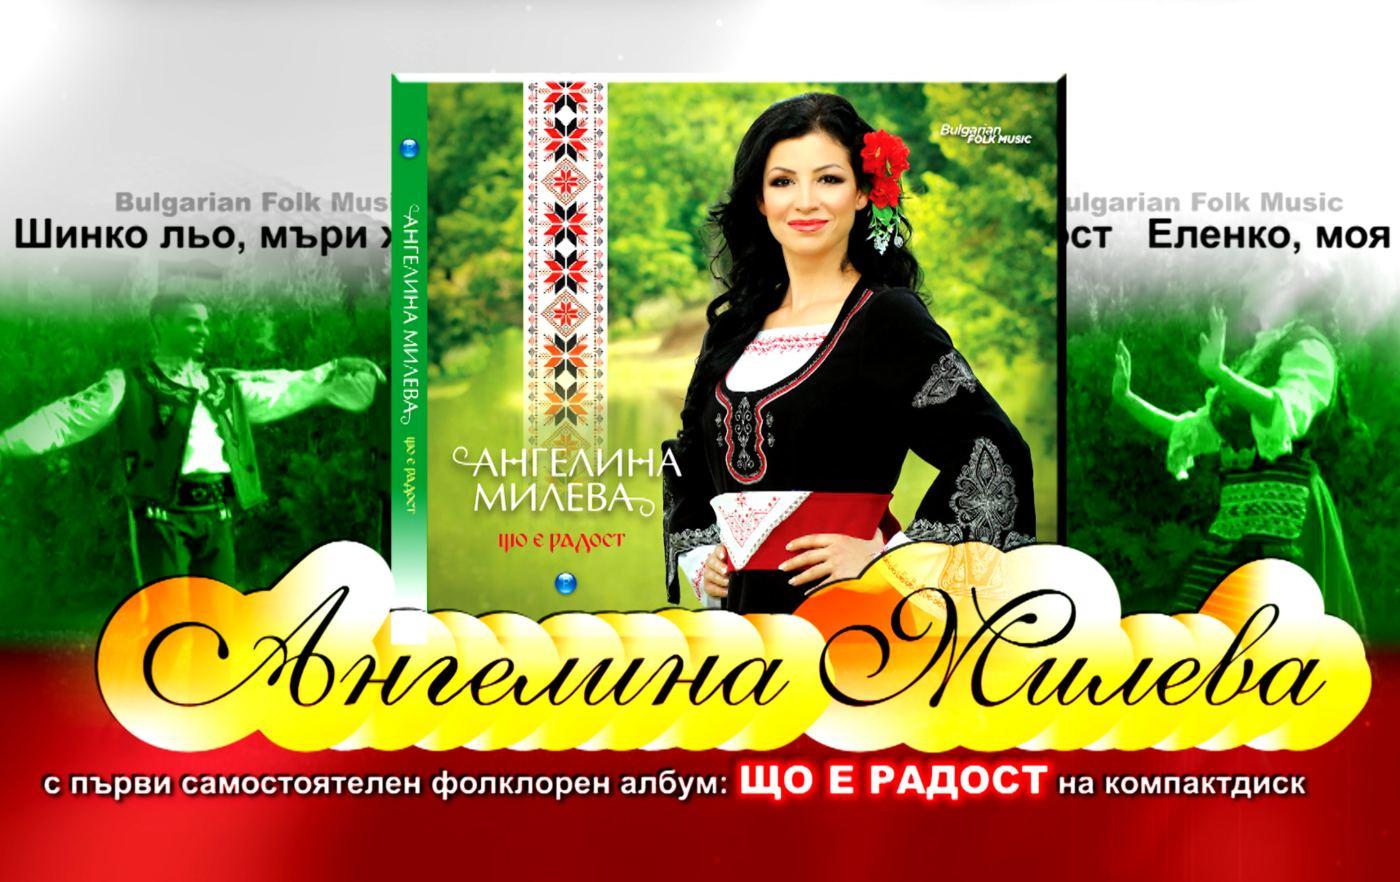 Дебютният албум на Ангелина Милева е факт